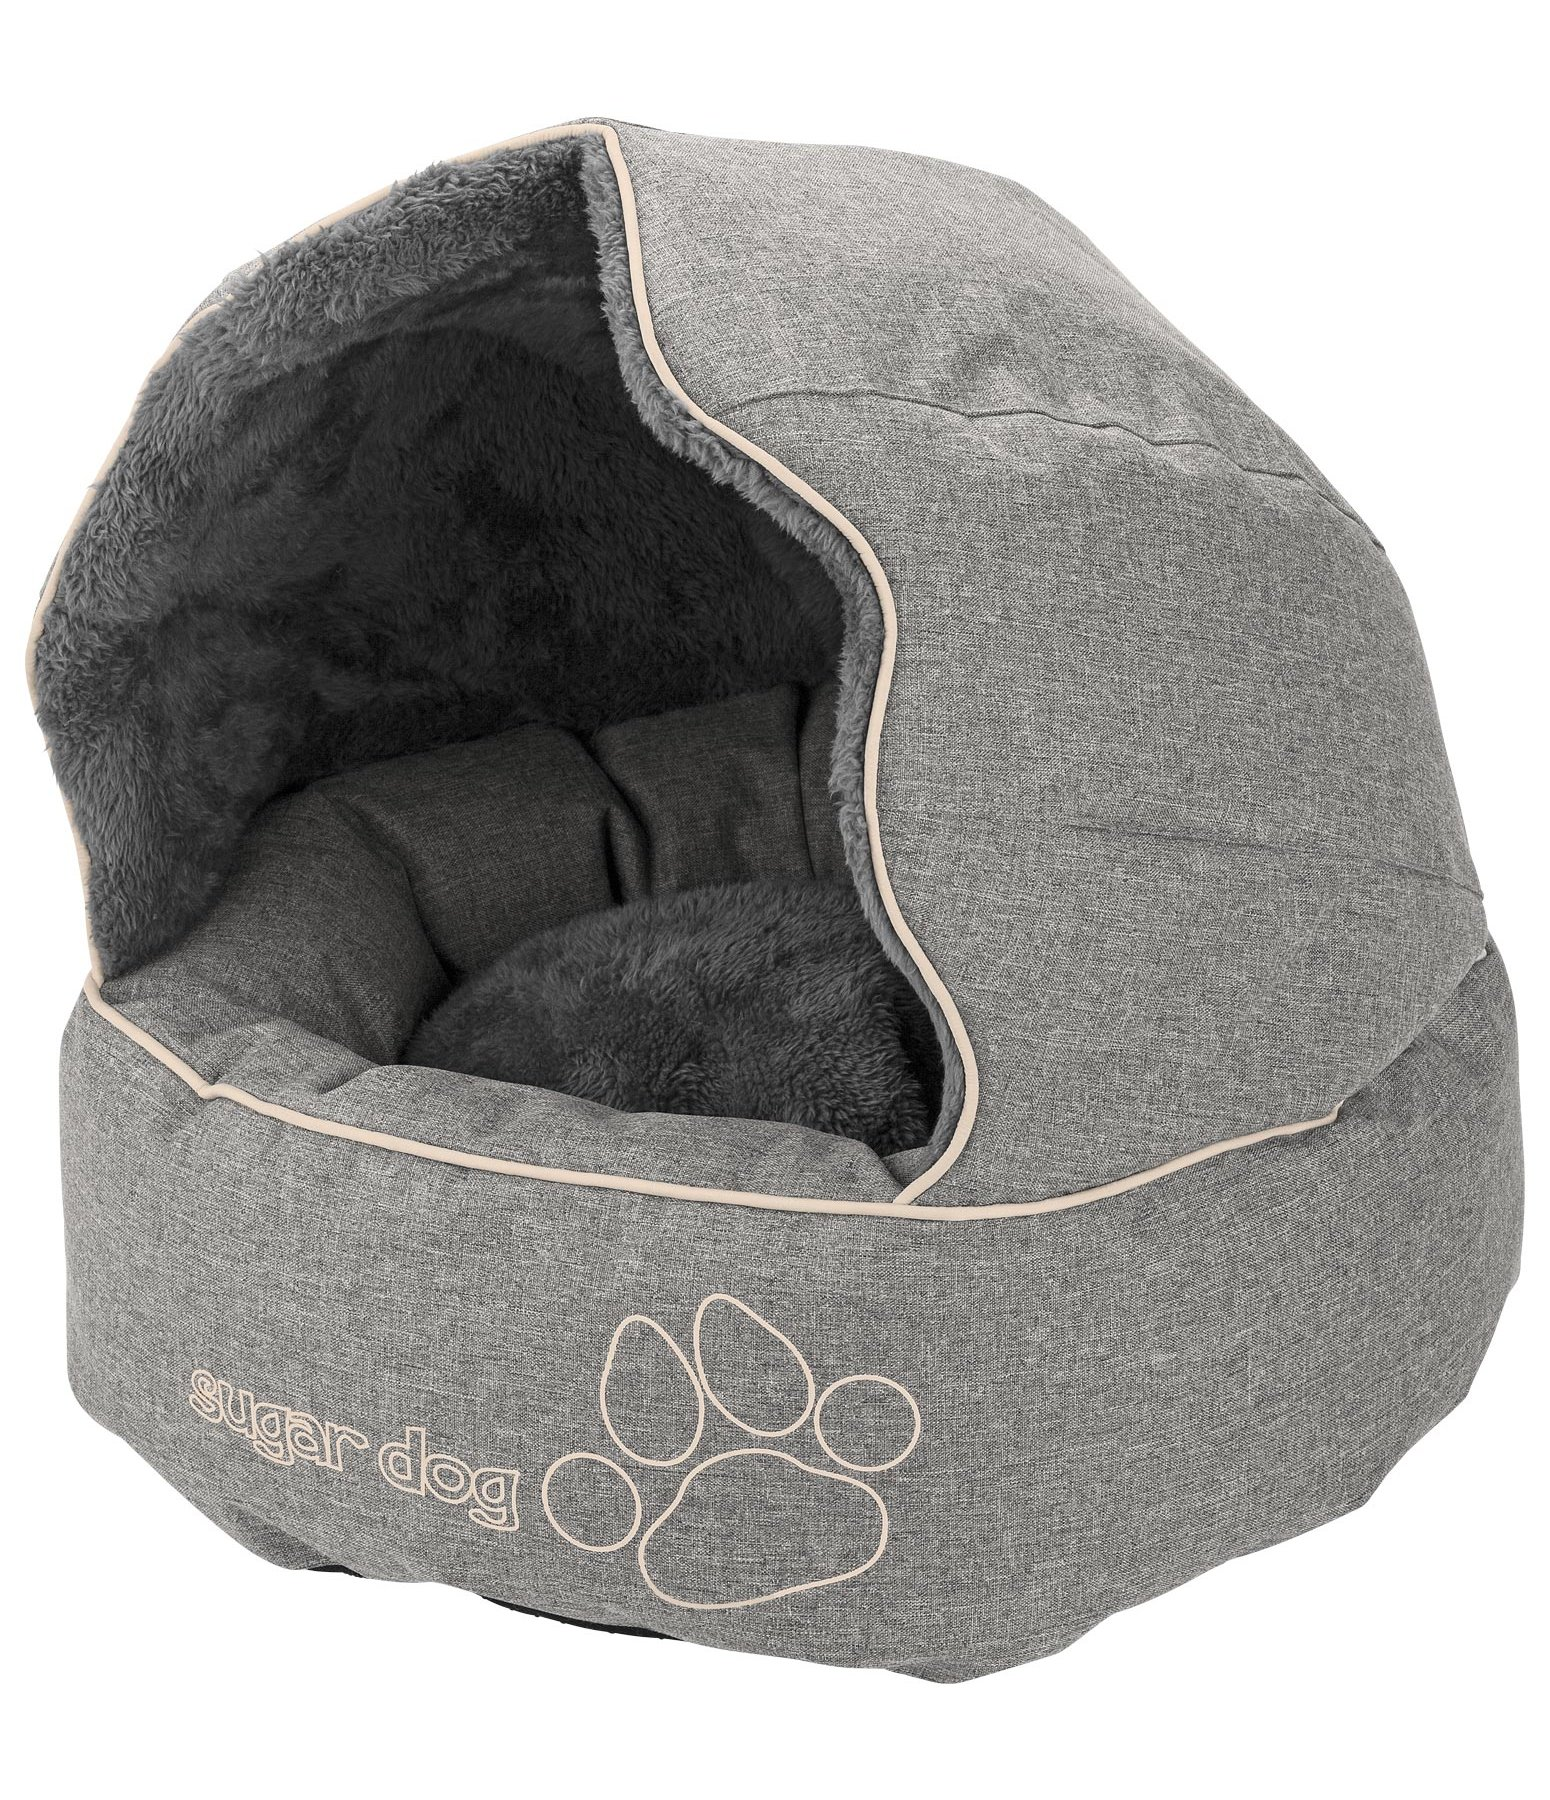 hundeh hle dog shell hundebetten kissen kr mer pferdesport. Black Bedroom Furniture Sets. Home Design Ideas